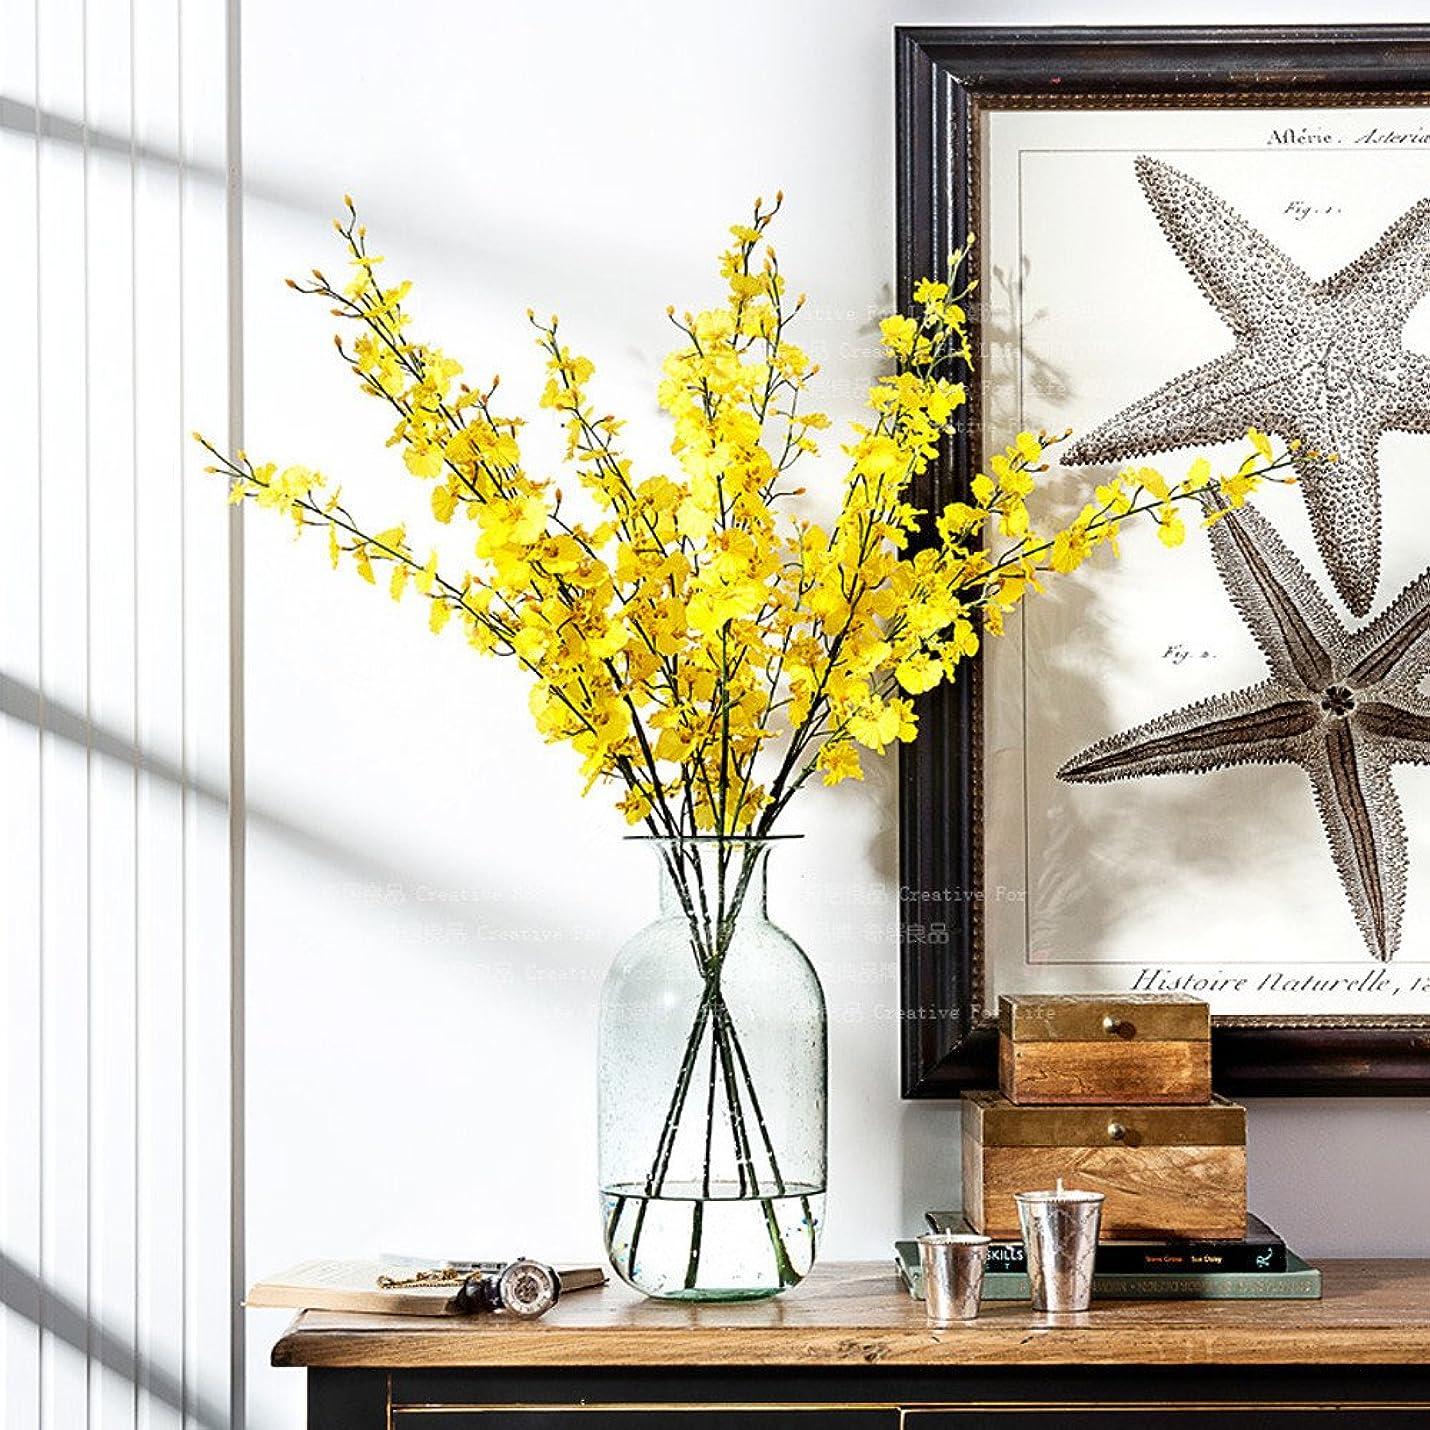 汚染広まったマニュアル人工的な結婚式の装飾のためのシミュレーションのOncidiumの蘭の胡蝶蘭の花